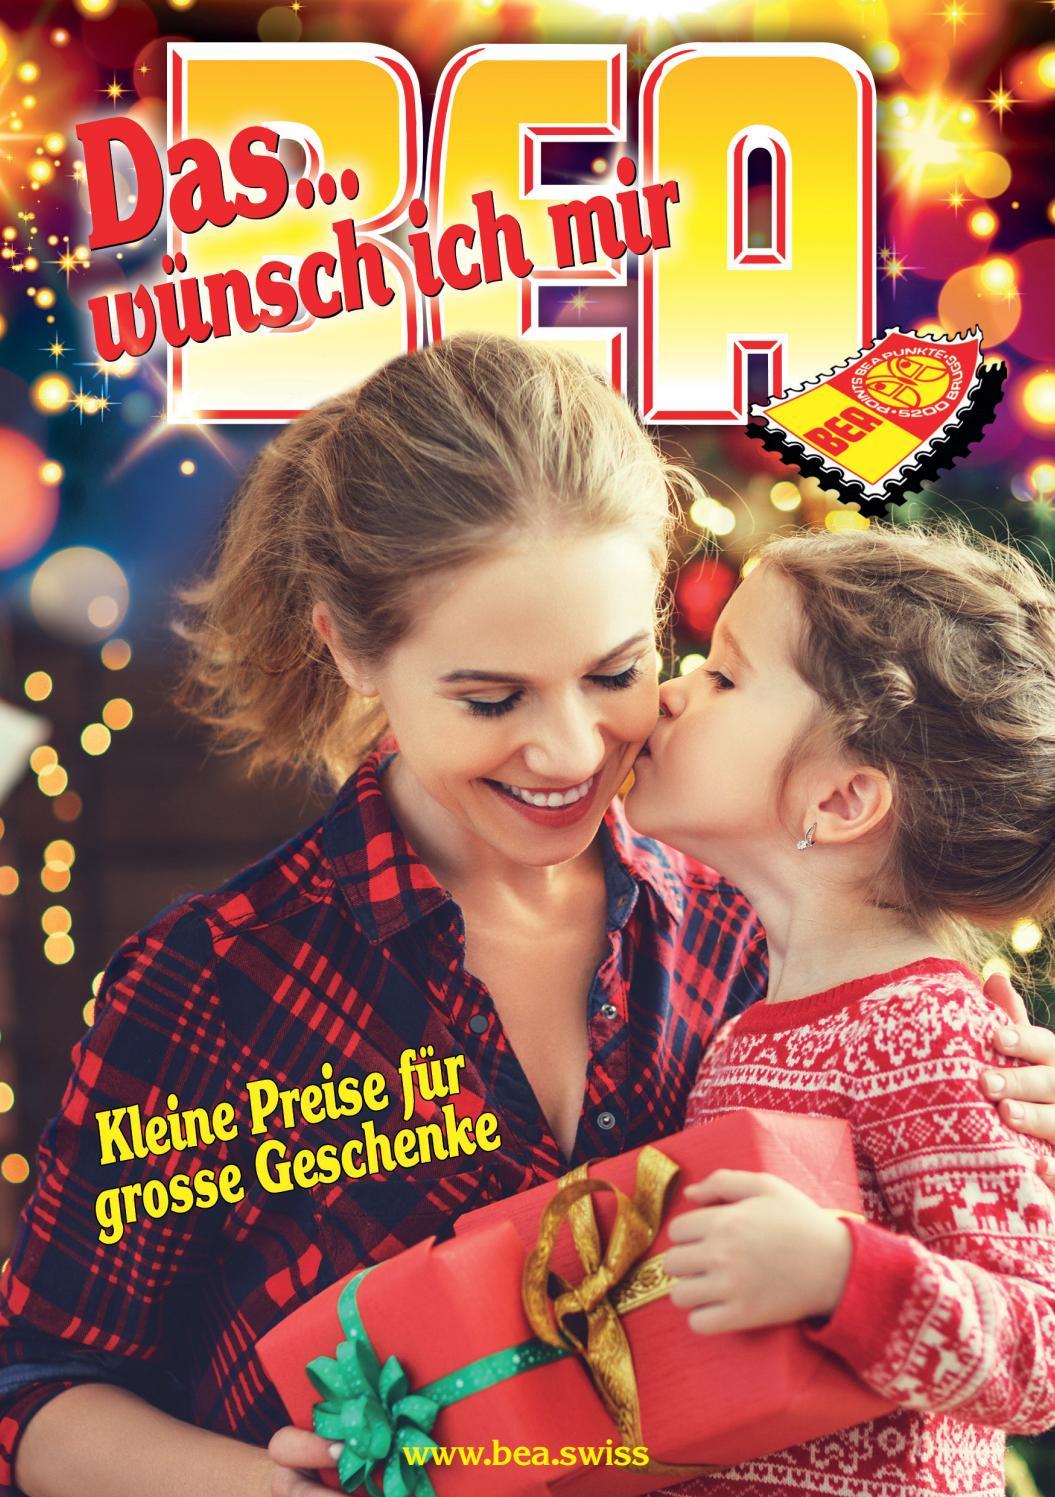 Puppenhaus 1109# Miniatur Kinderbuch Puppenstube Wiegenlieder M 1zu12